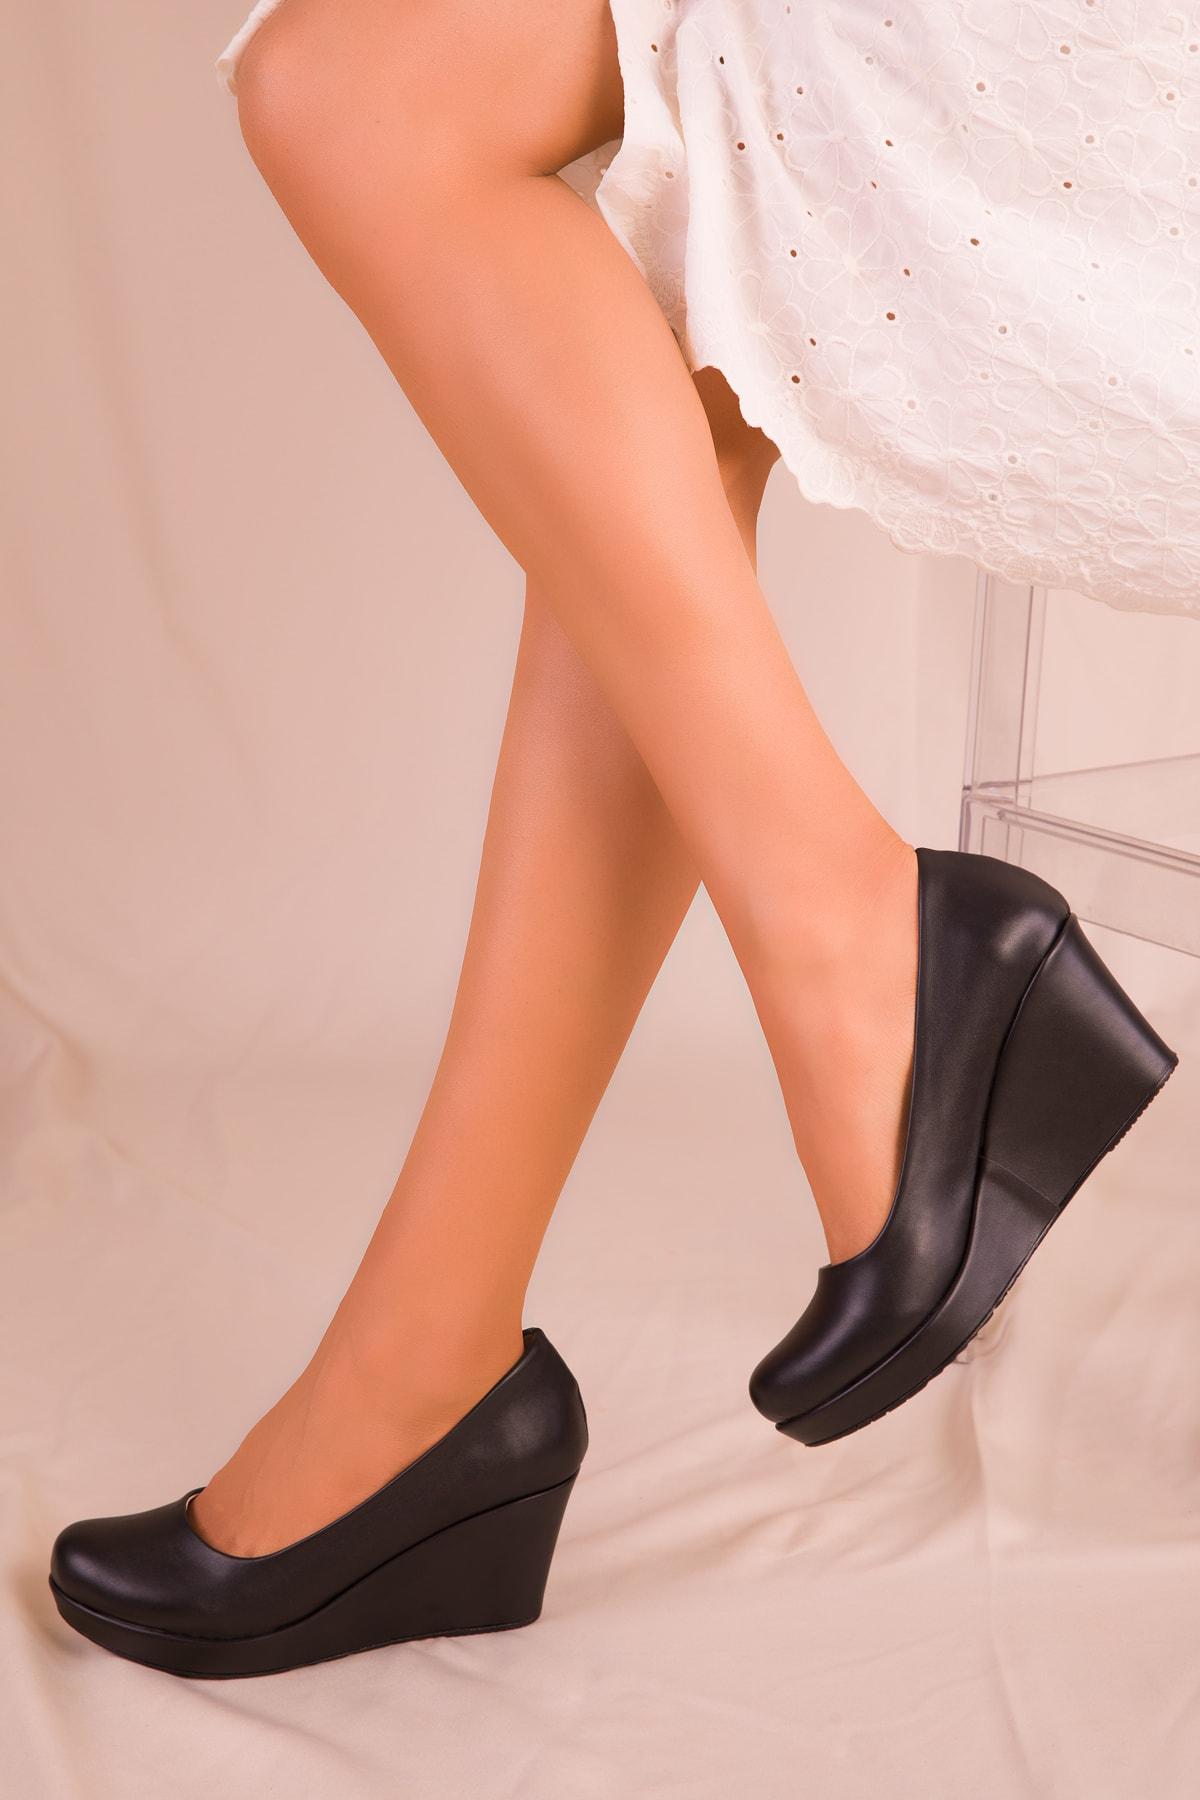 SOHO Siyah Kadın Dolgu Topuklu Ayakkabı 15849 1